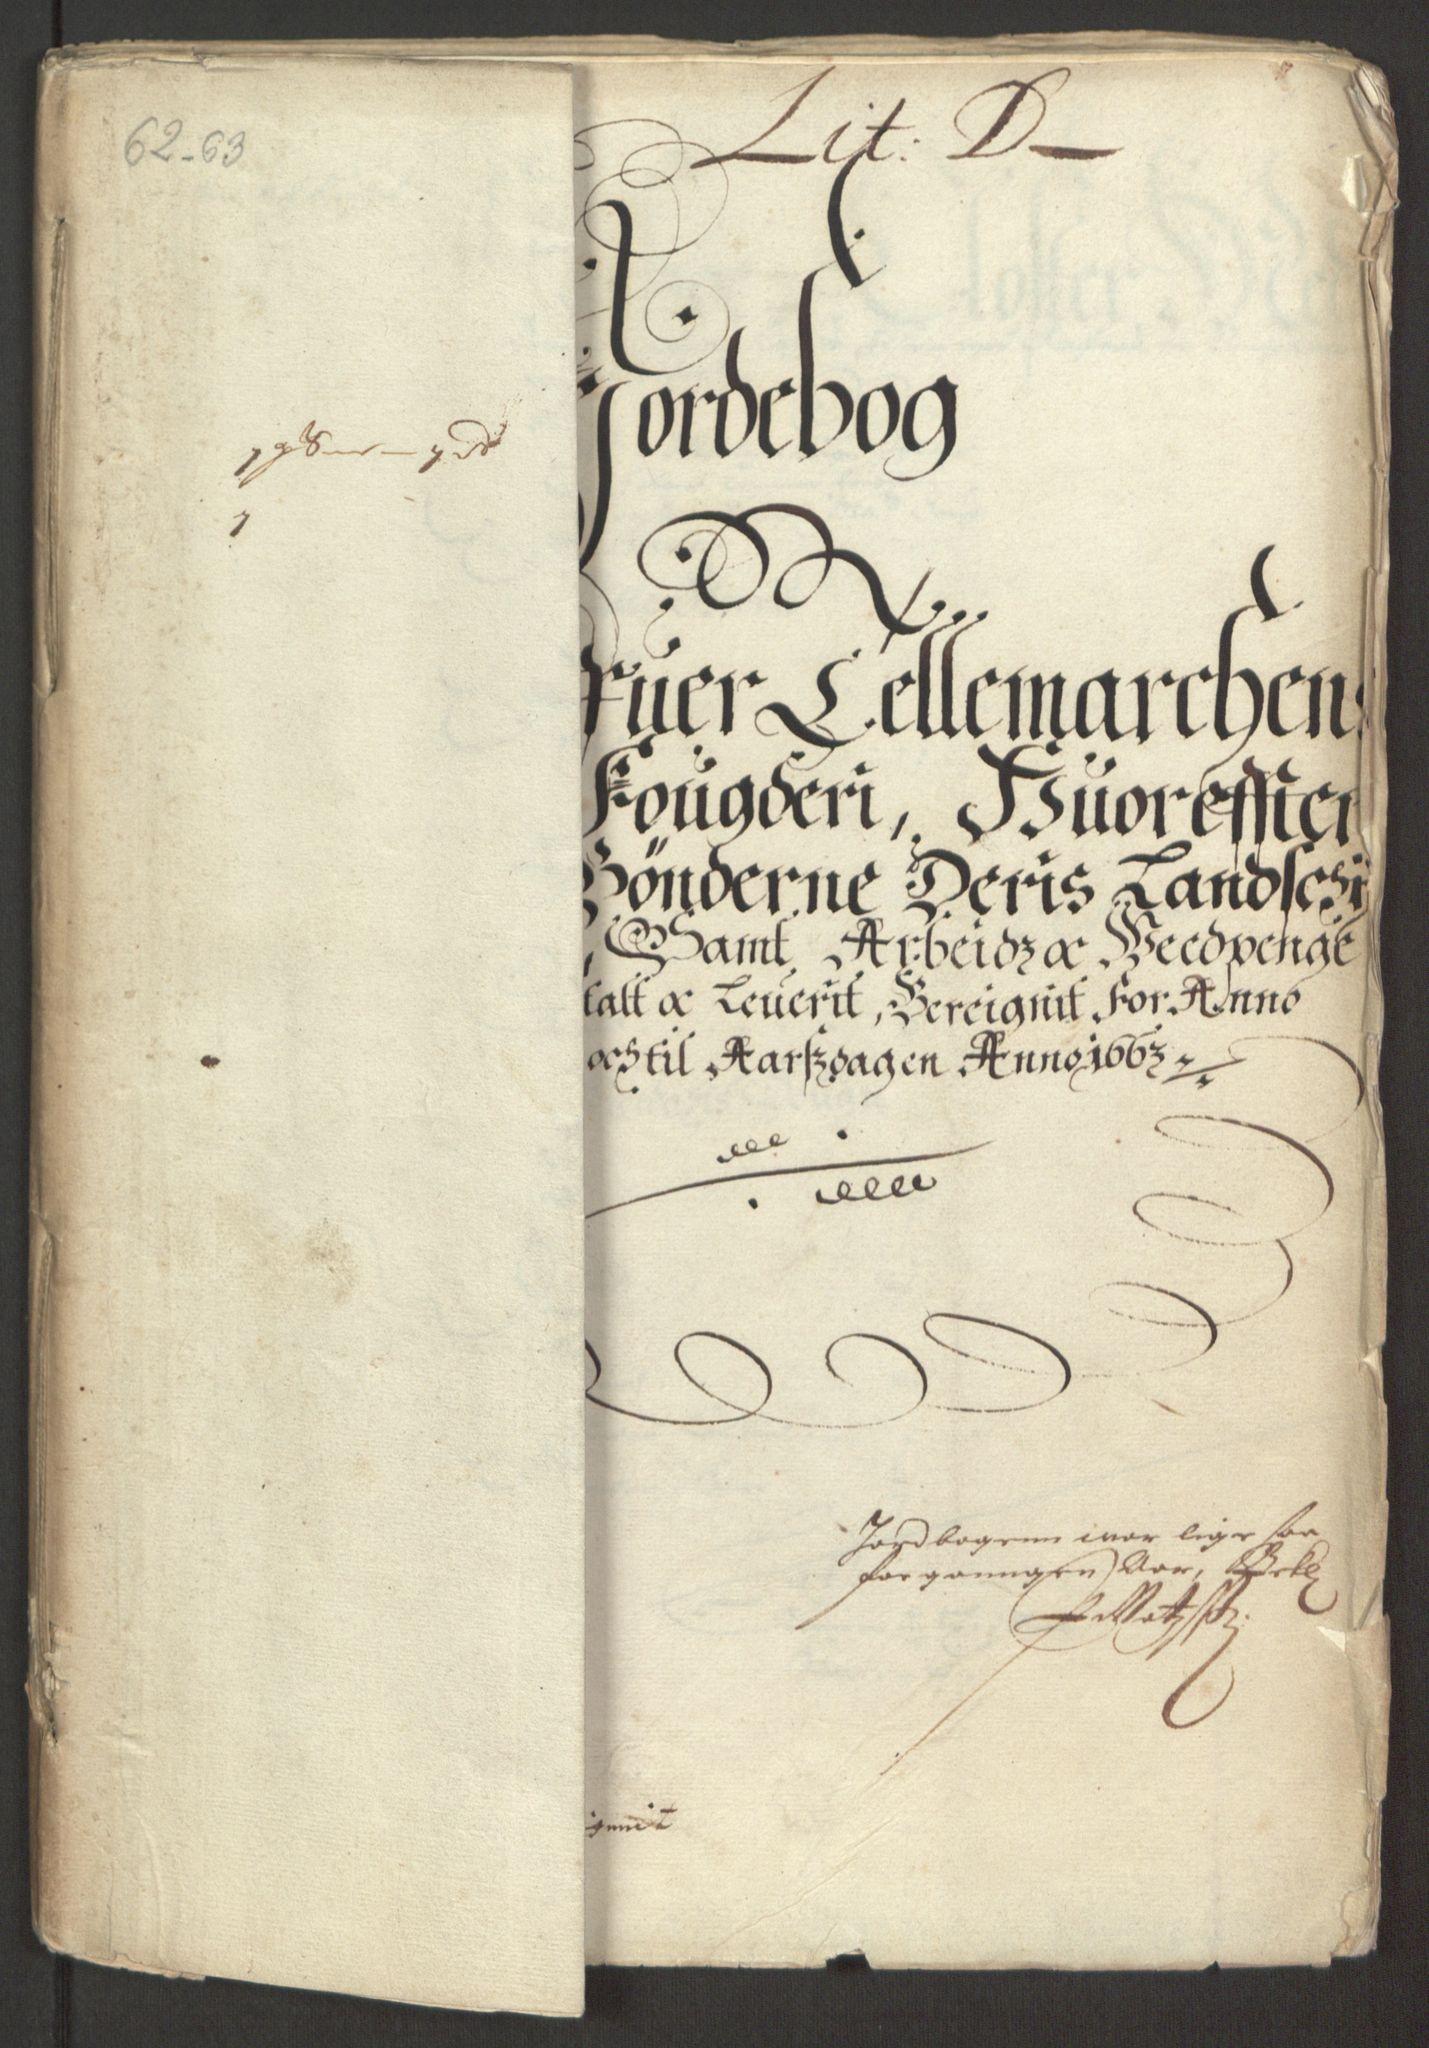 RA, Rentekammeret inntil 1814, Reviderte regnskaper, Fogderegnskap, R35/L2054: Fogderegnskap Øvre og Nedre Telemark, 1662-1663, s. 169